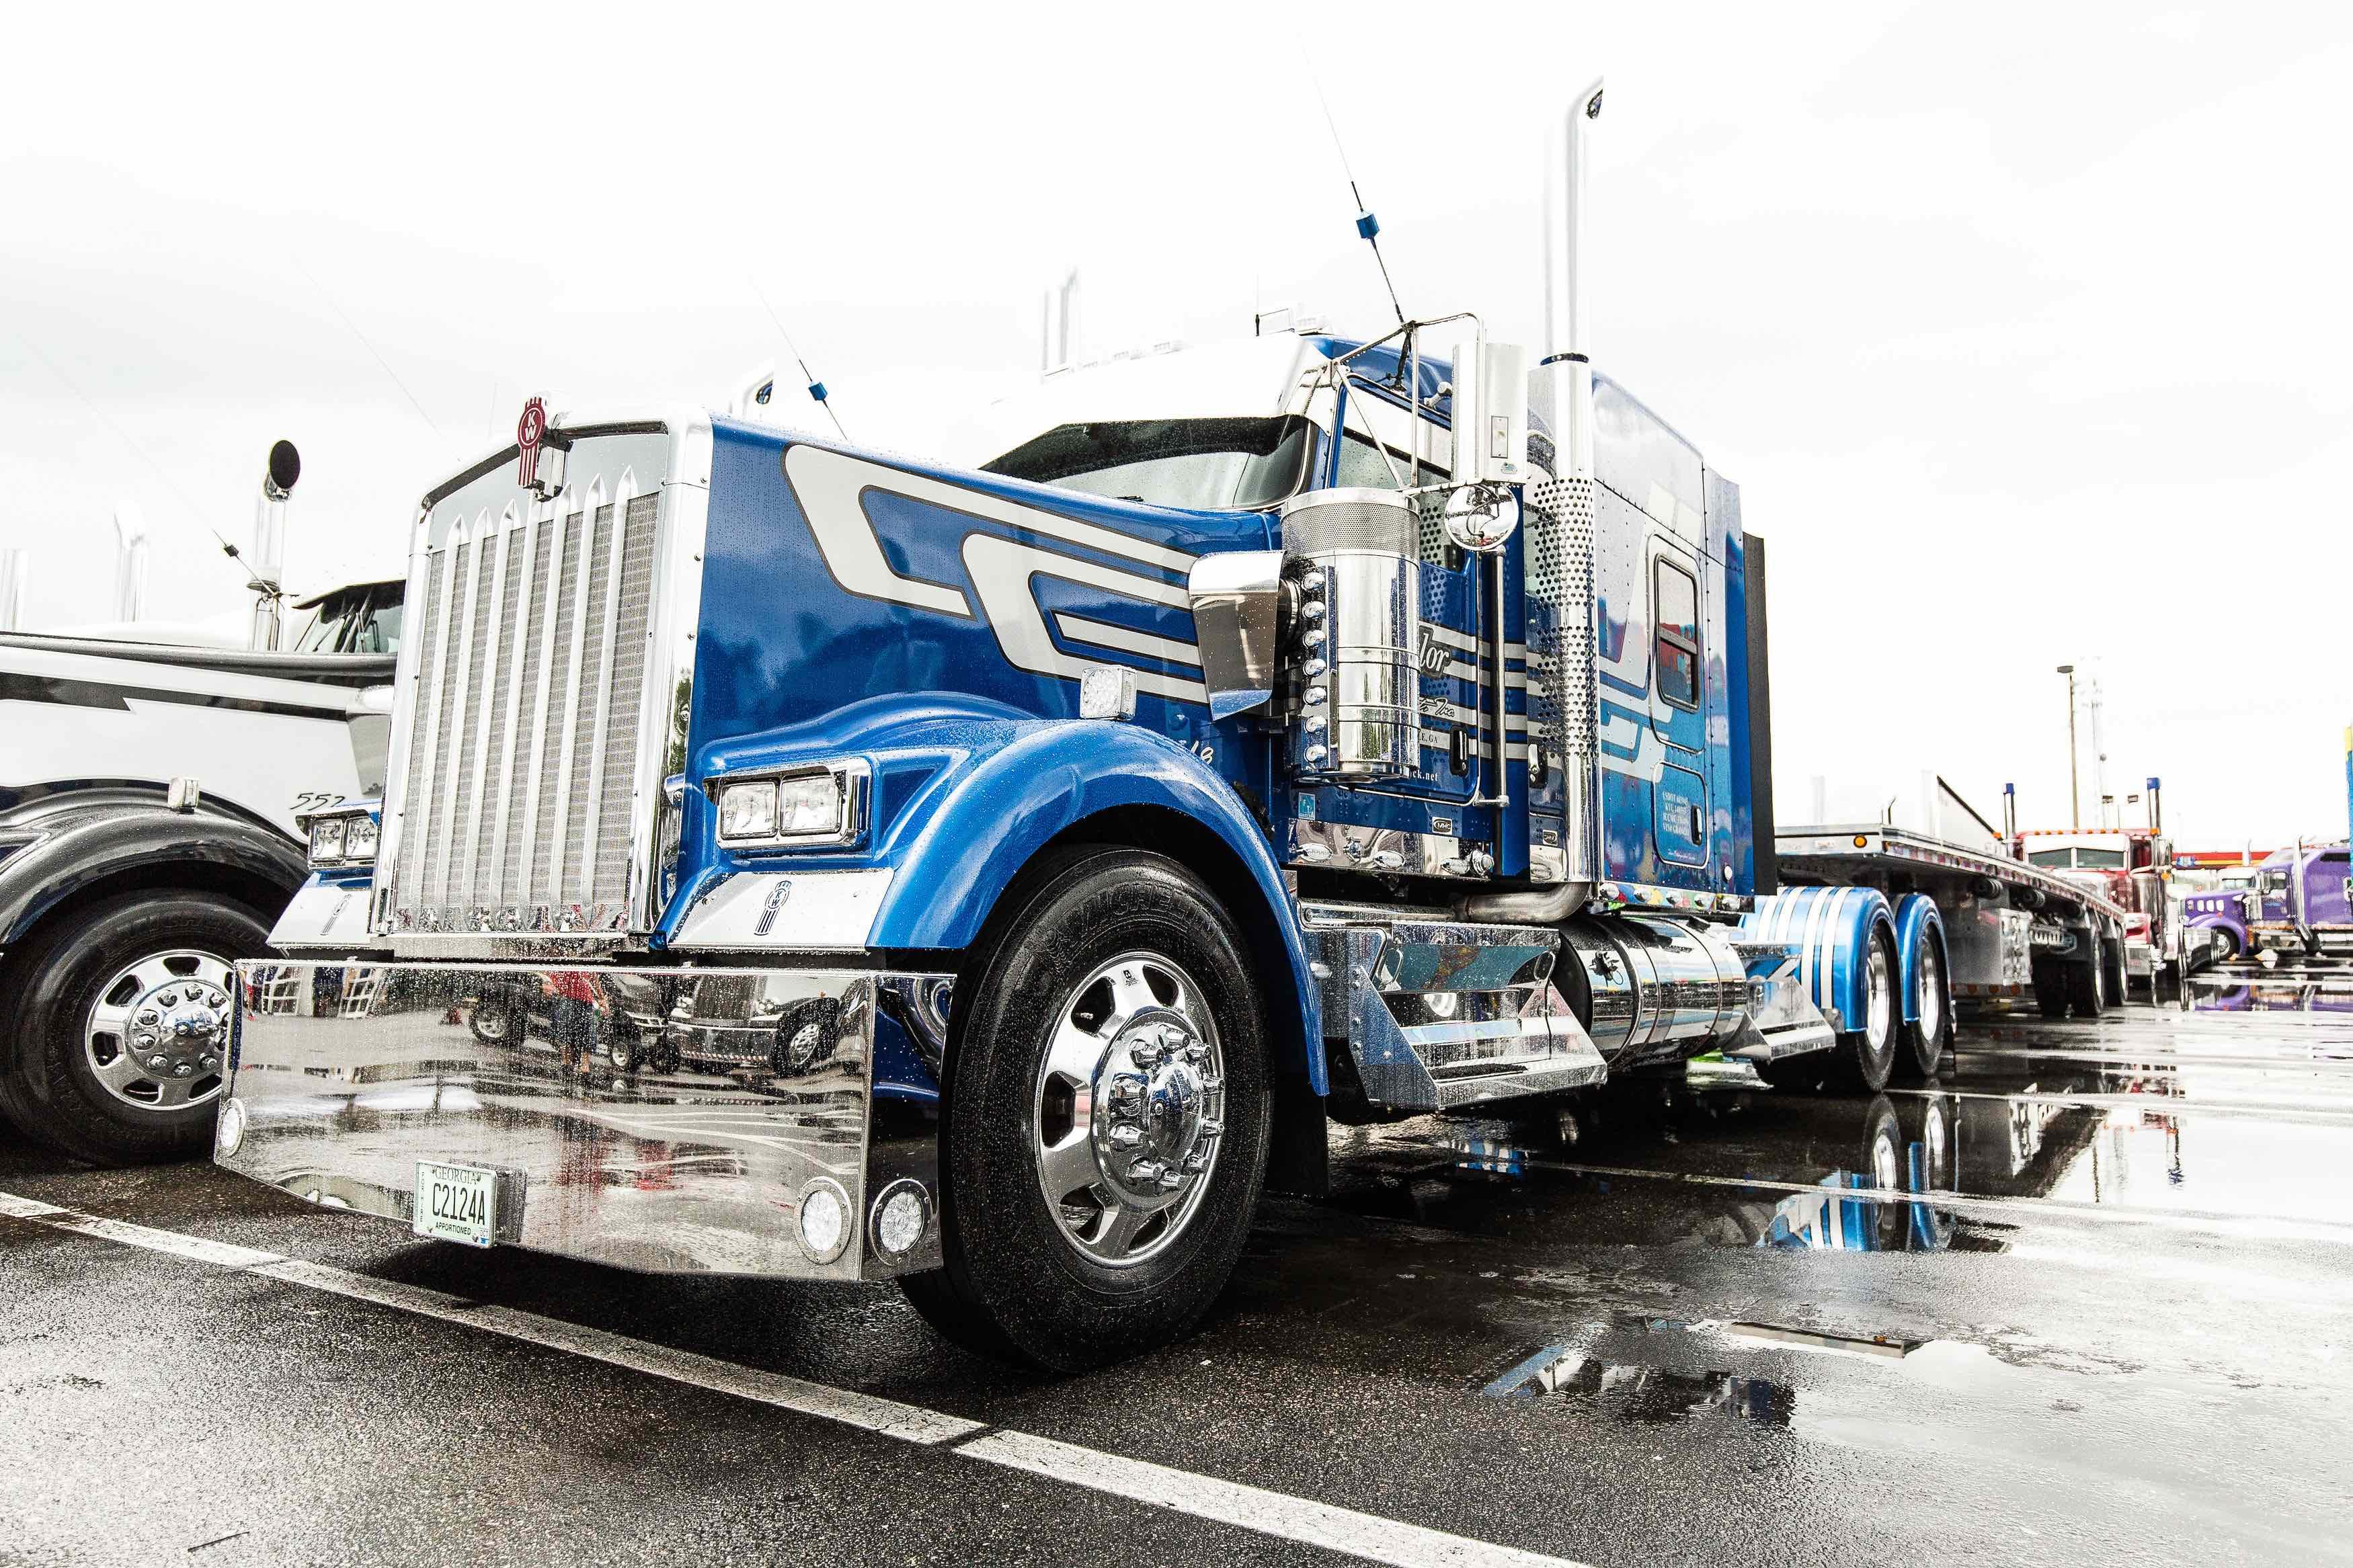 75 Chrome Shop >> Truck Show 75 Chrome Shop